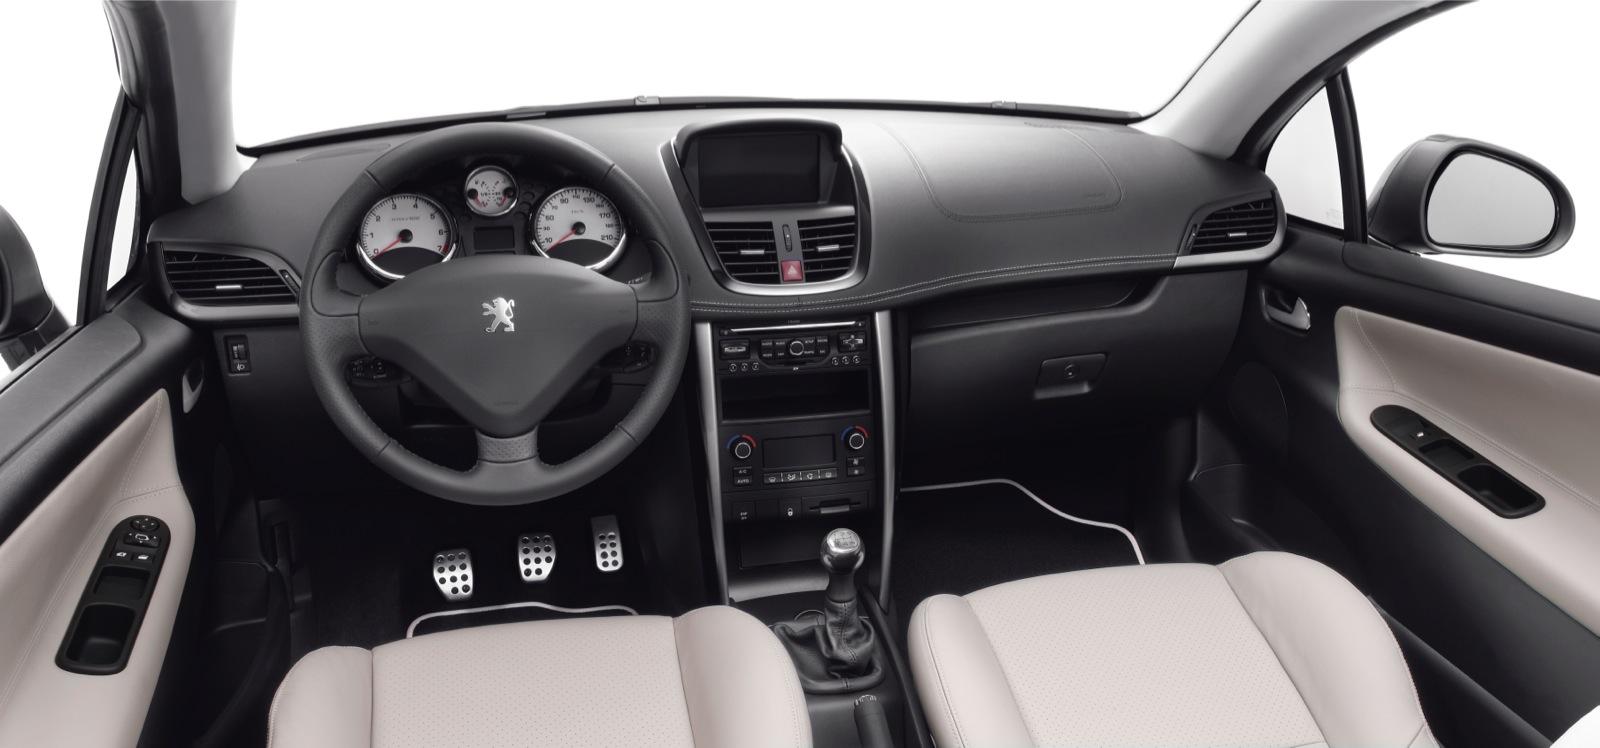 Peugeot 207 I Restyling 2009 - 2015 Hatchback 3 door #5